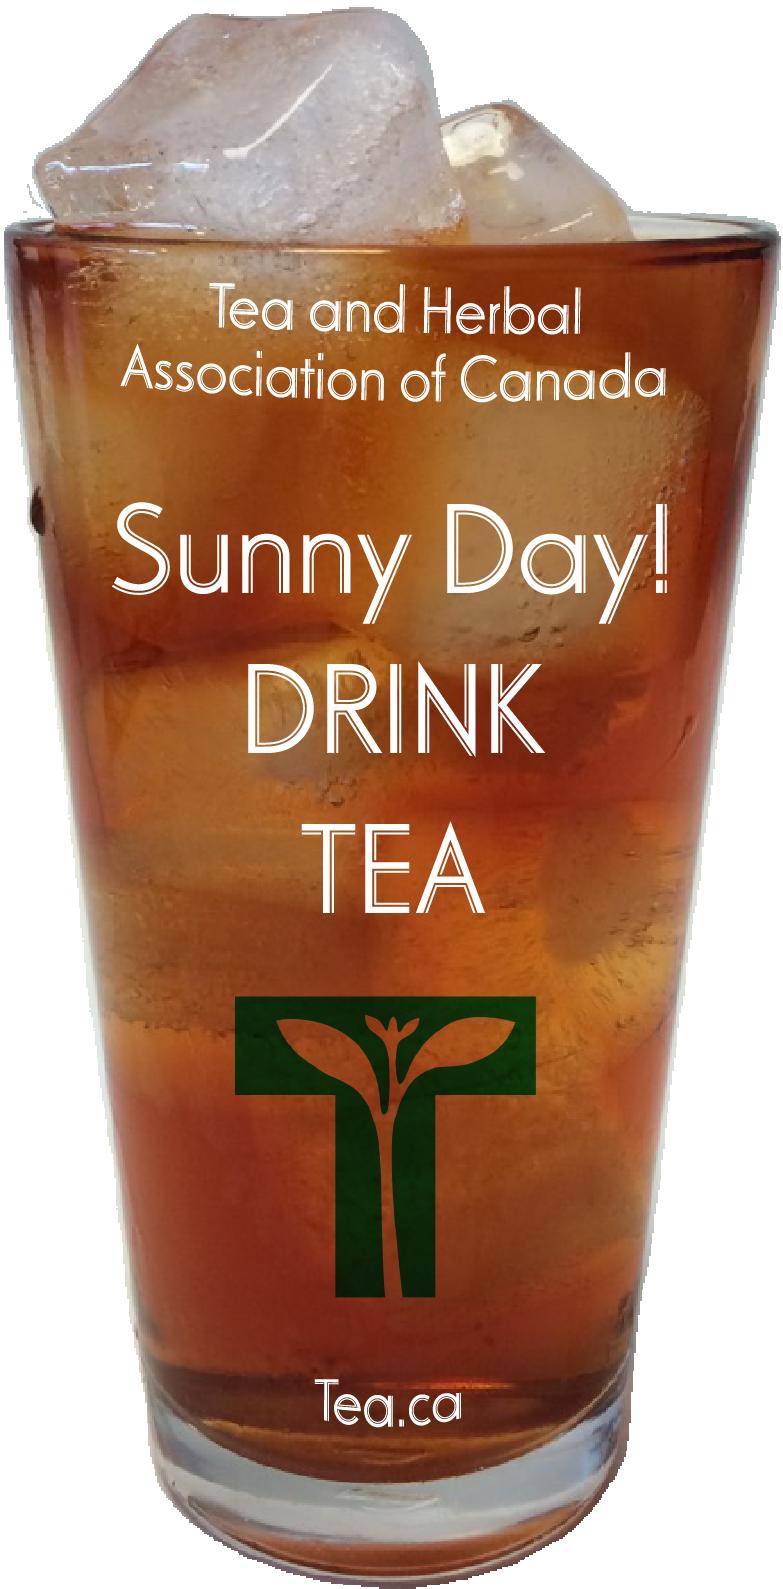 Sunny Day! Drink Tea!